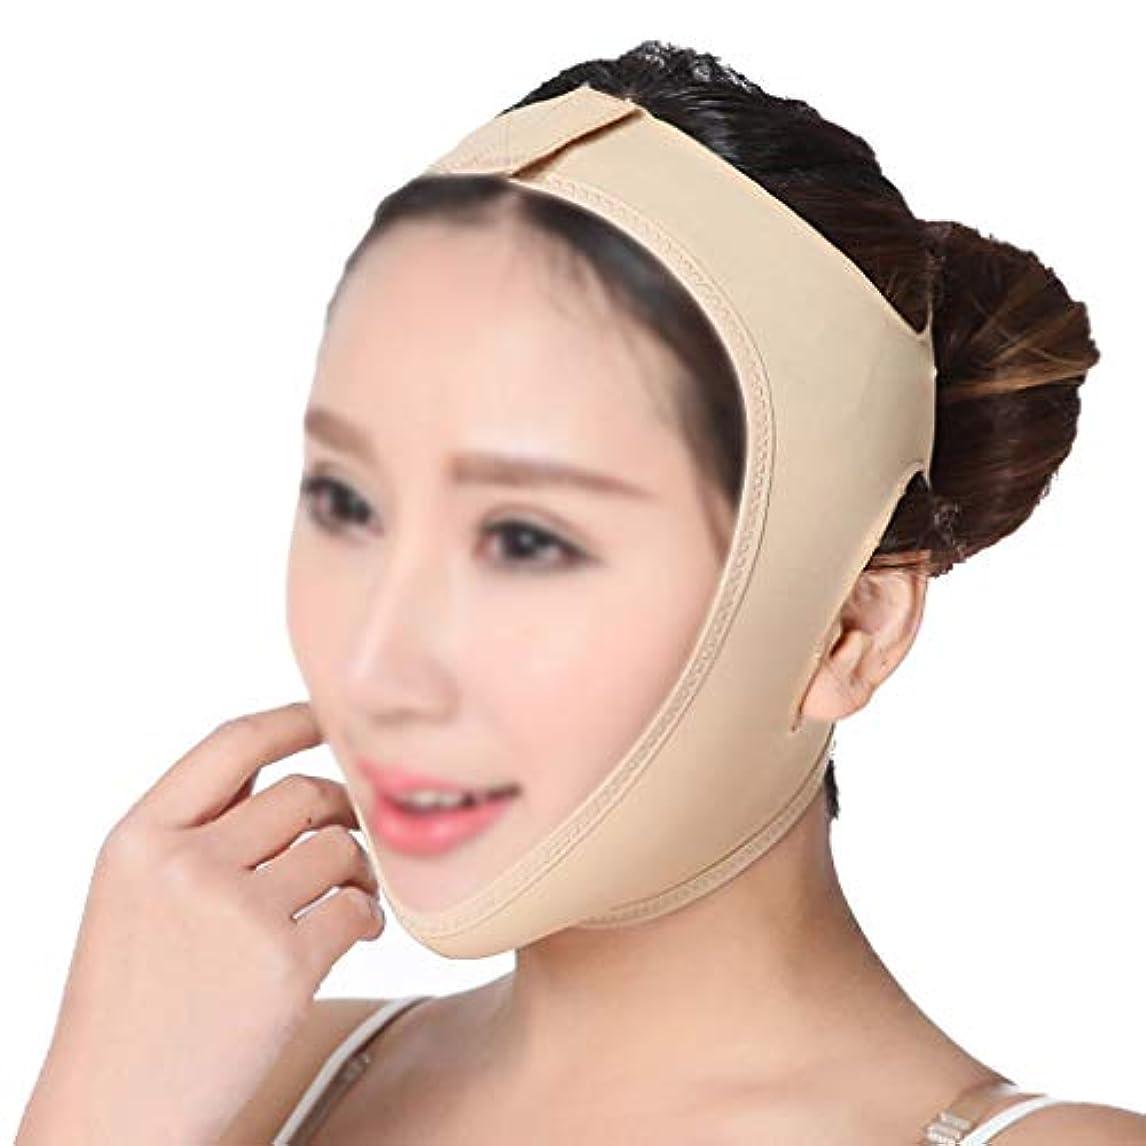 百万お運搬薄い顔包帯顔スリム二重あごを取り除くVラインの顔の形を作成するあごの頬リフトアップ抗しわを持ち上げるベルトフェイスマッサージツール (Size : S)